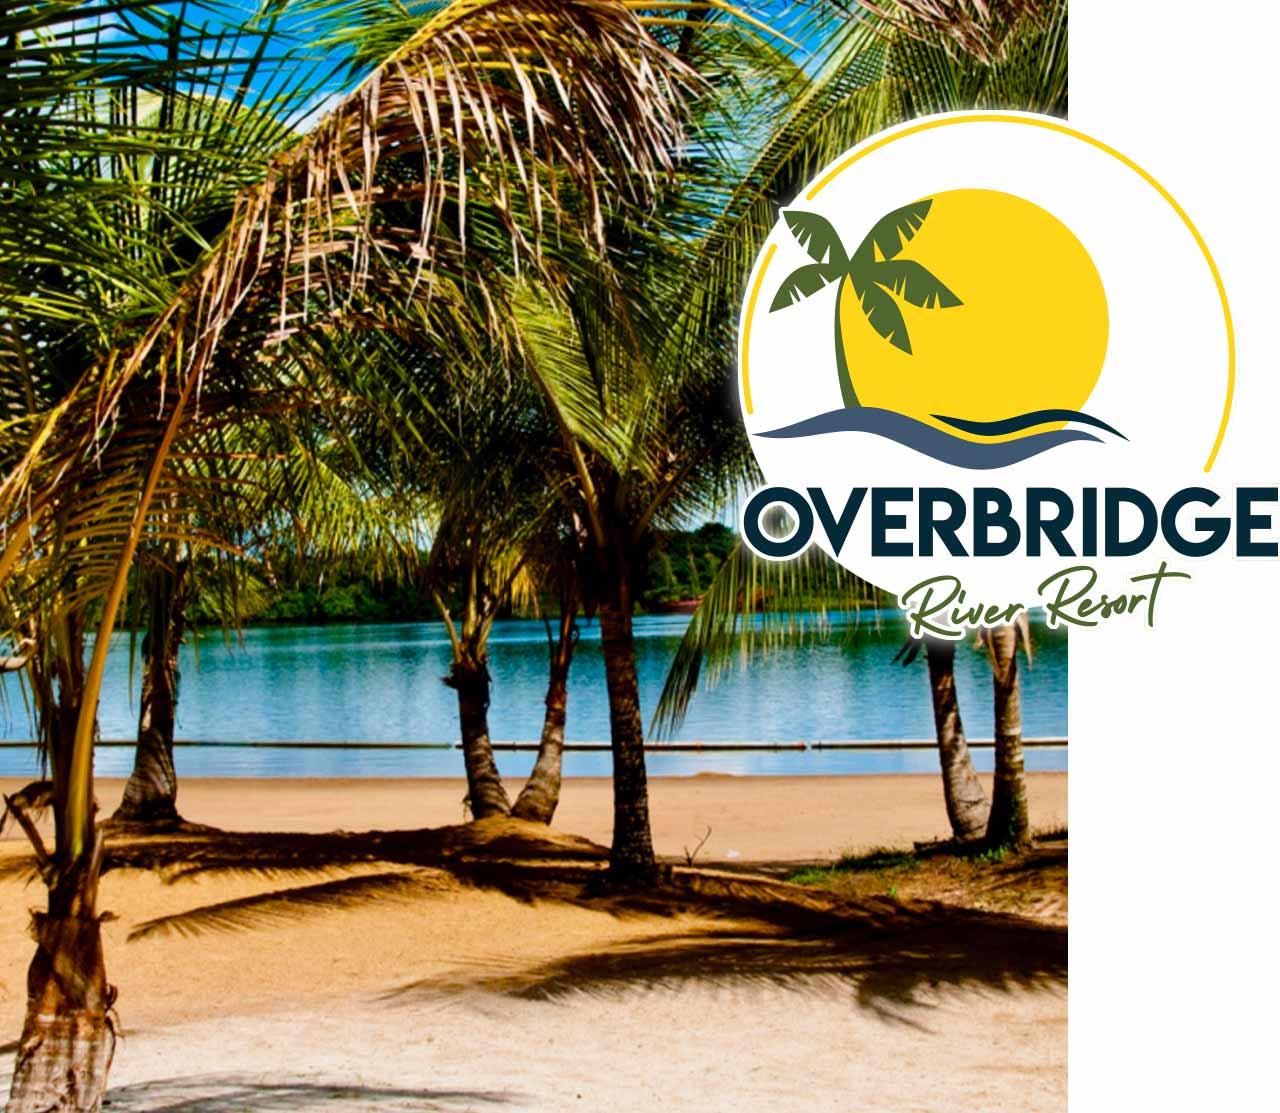 Over bridge River Resort